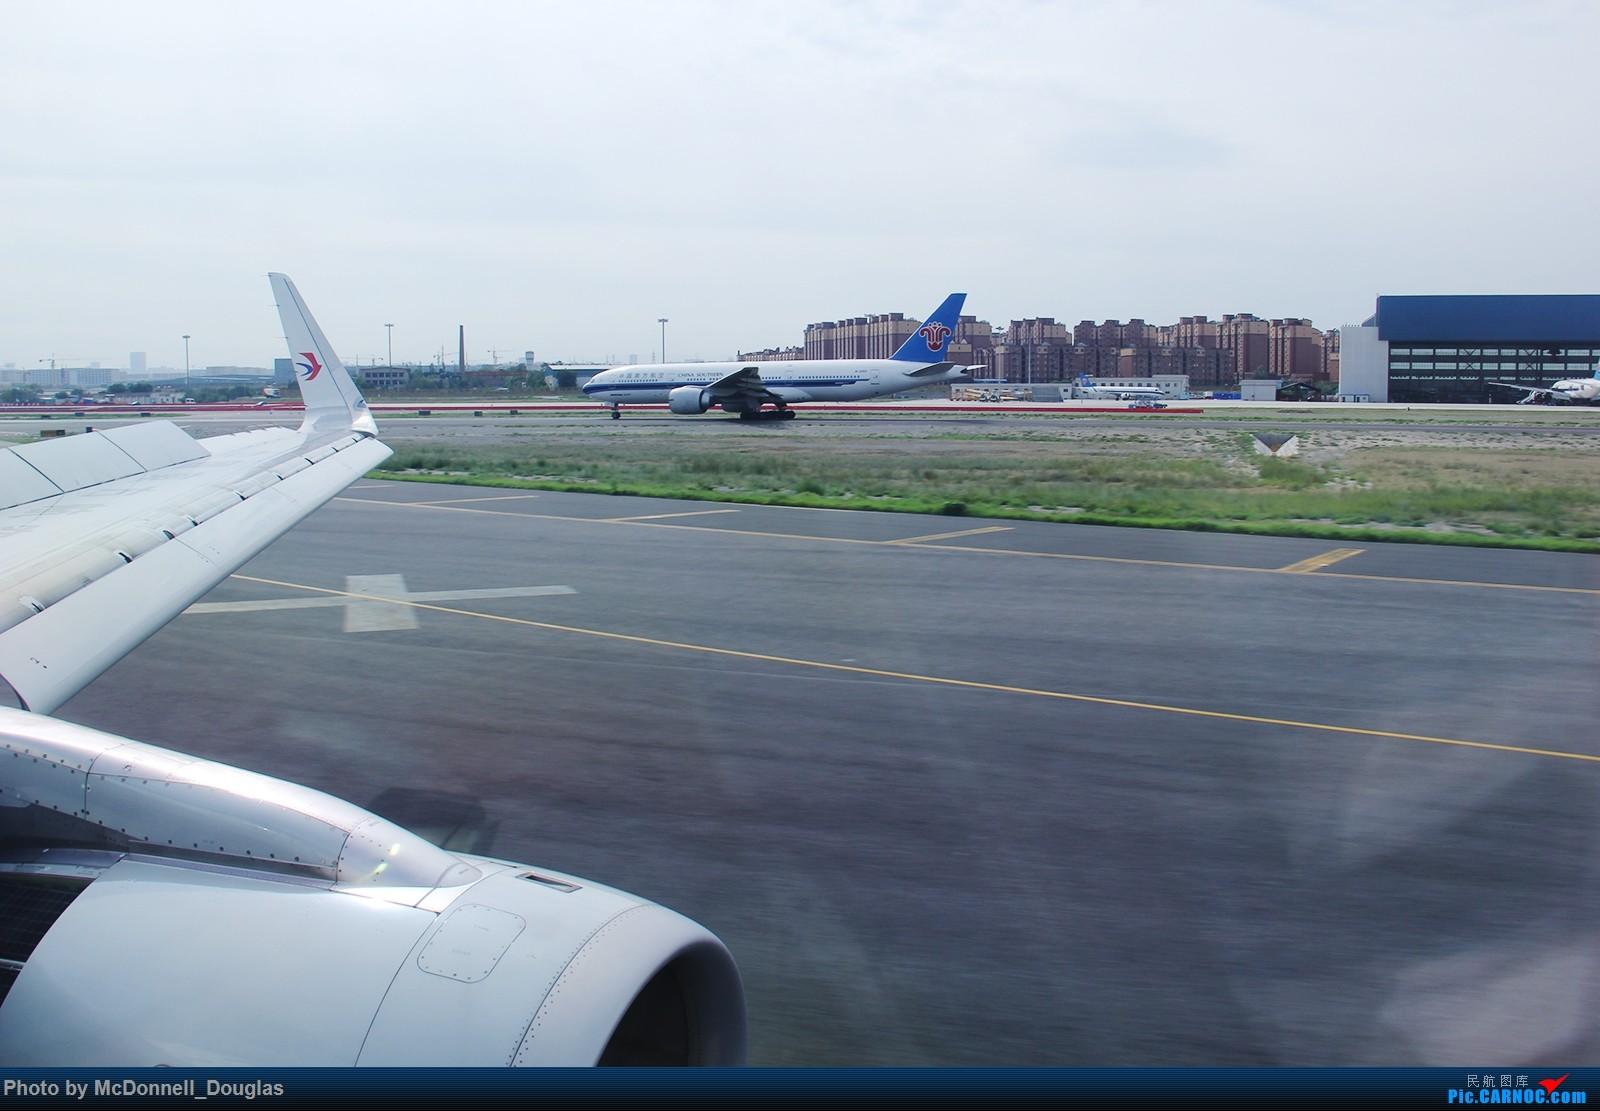 Re:[原创]【上海飞友会】【zc带你走天下(2)】再访祖辈年轻时工作的土地,父母年少时生活戈壁,跨越大半个中国去看新疆,回程小游蓉城(上) AIRBUS A320-232 B-8237 中国乌鲁木齐地窝堡国际机场